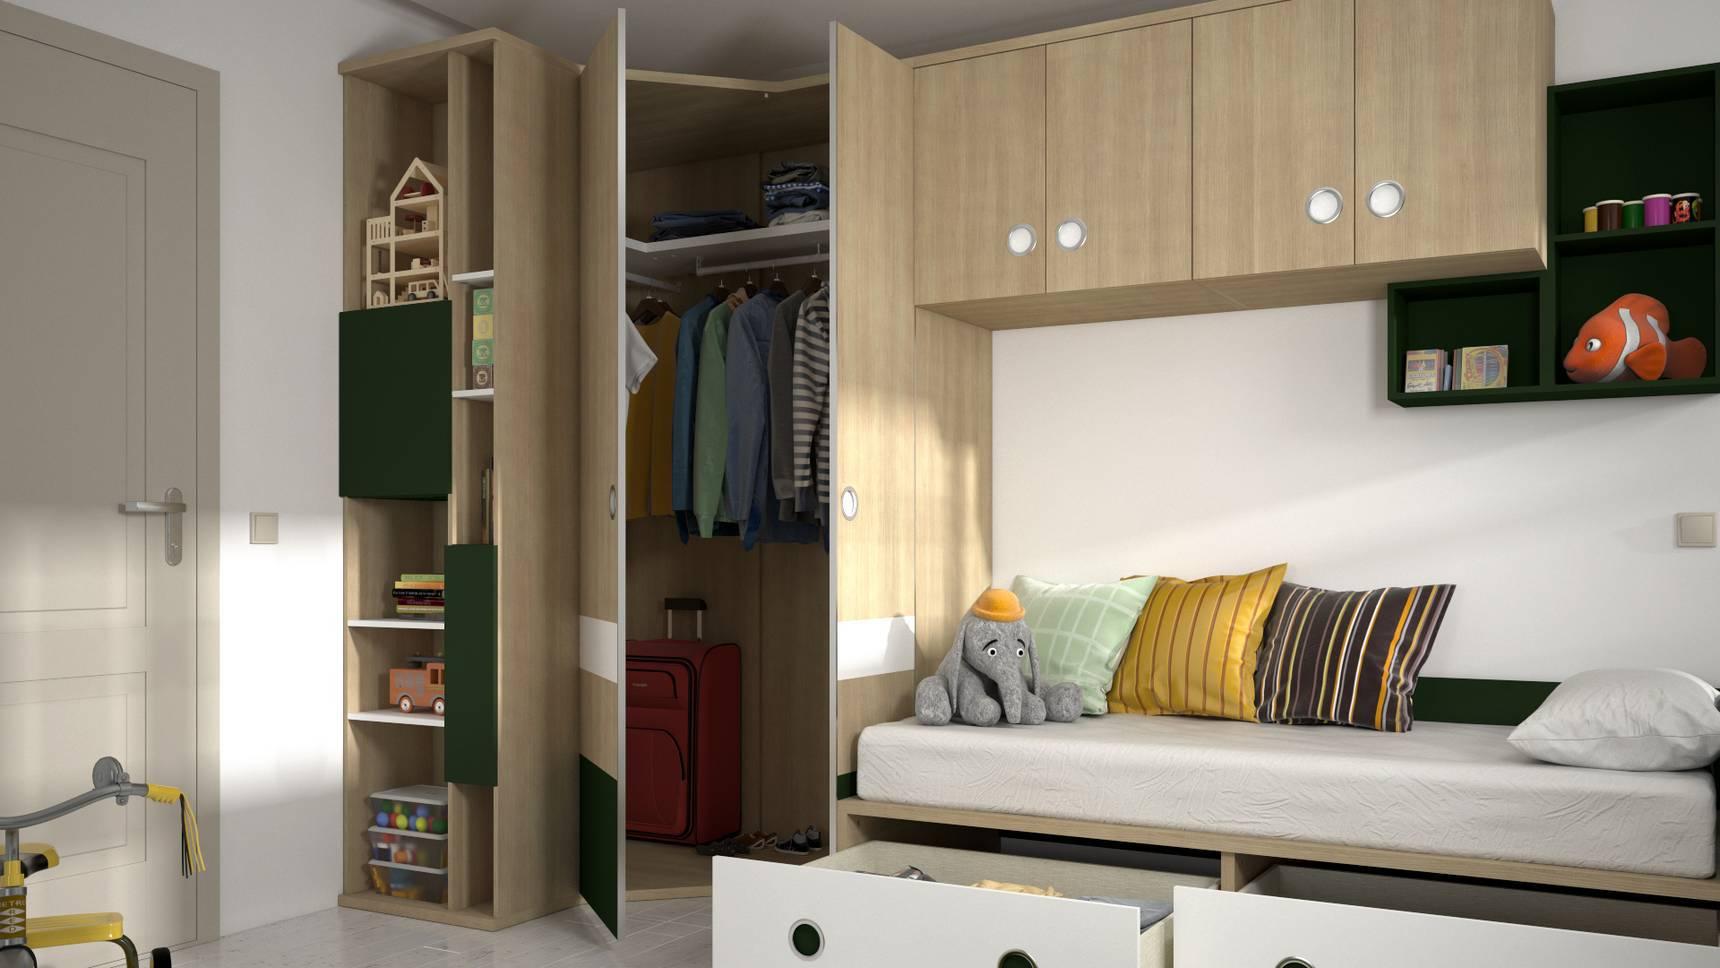 Dormitorio Juvenil IH144 – idehabita.com Detalle01